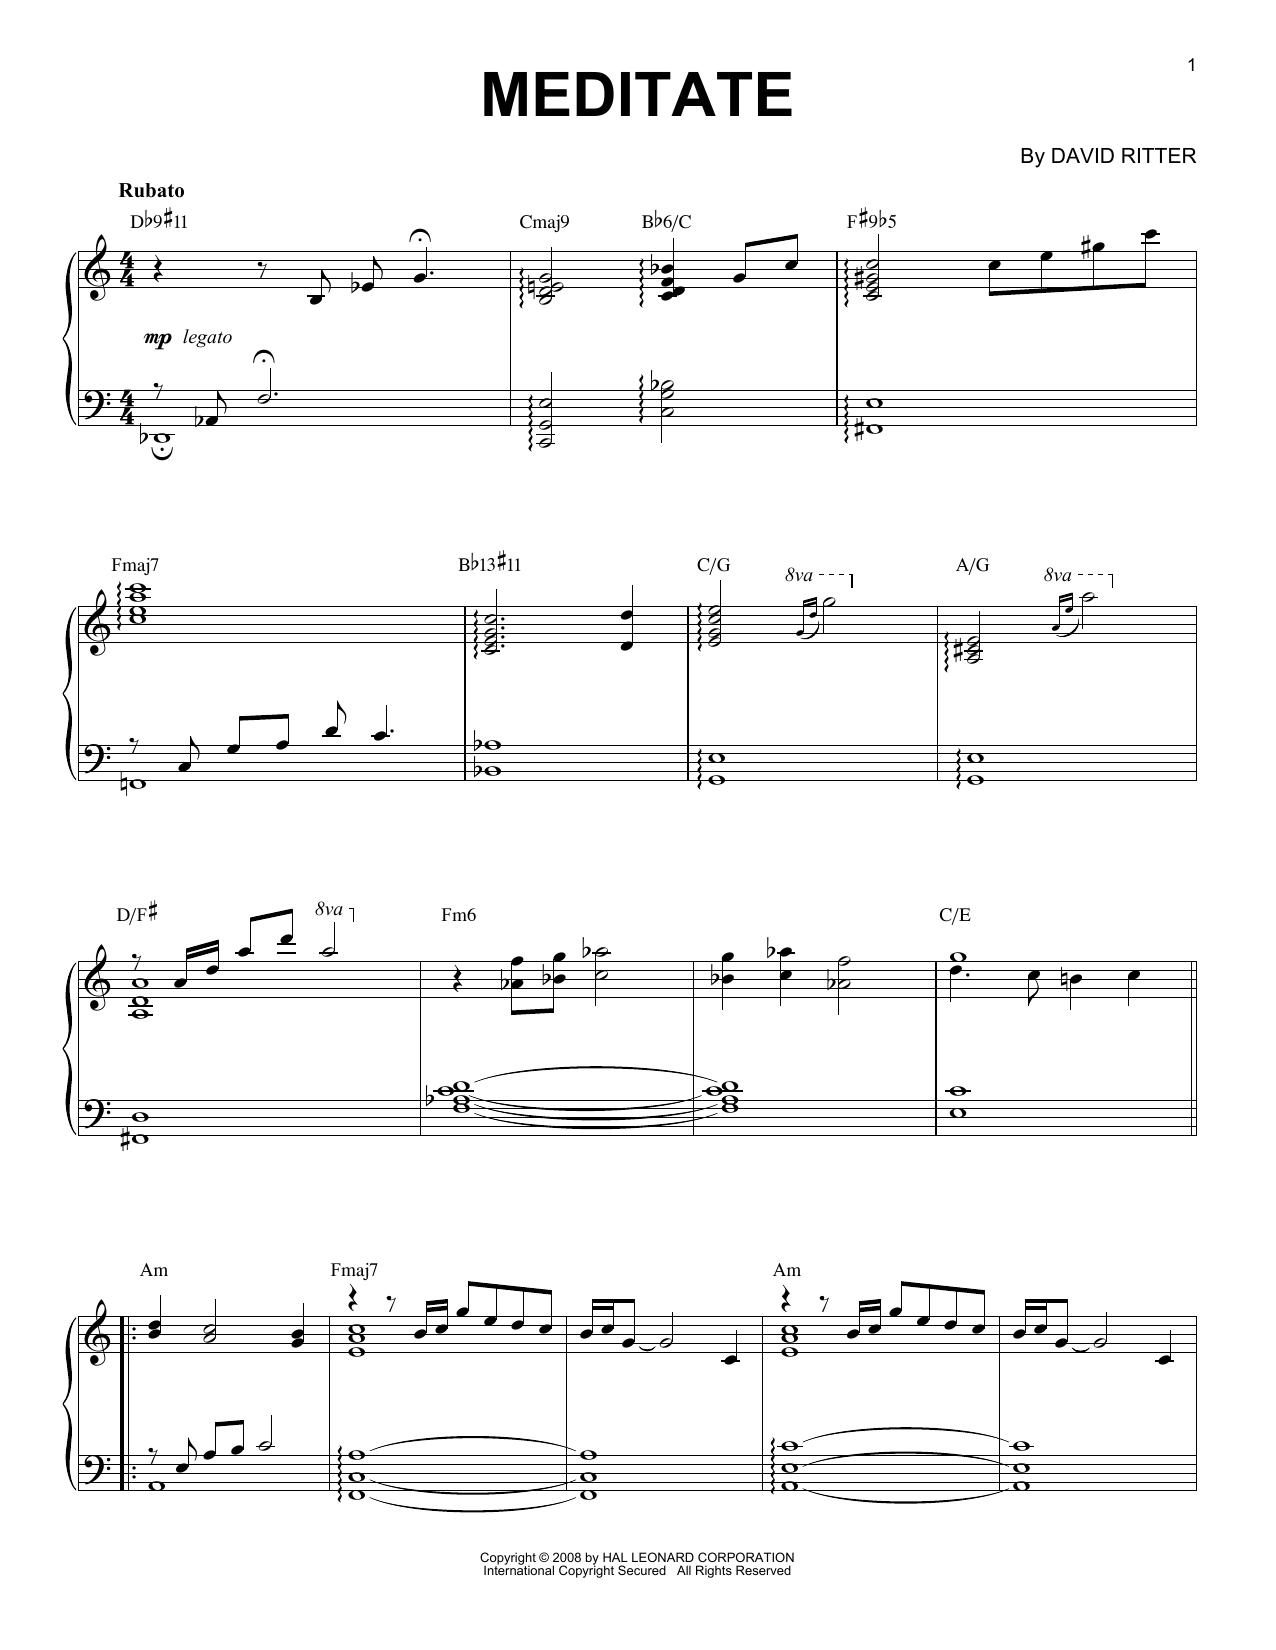 David Ritter Meditate sheet music notes printable PDF score